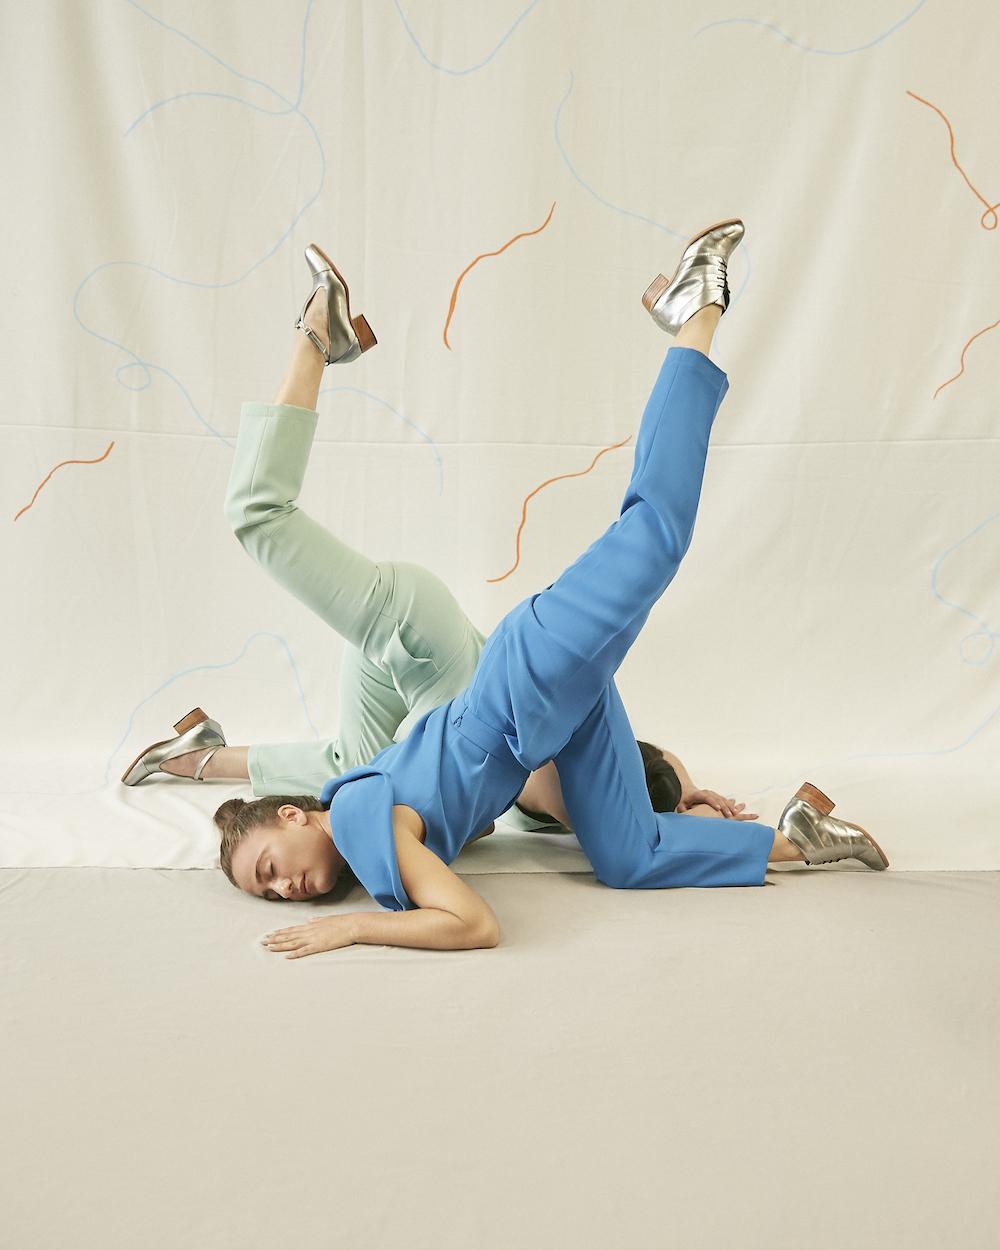 Recuento de fin de año: La innovadora campaña de zapatos de ŌBRA